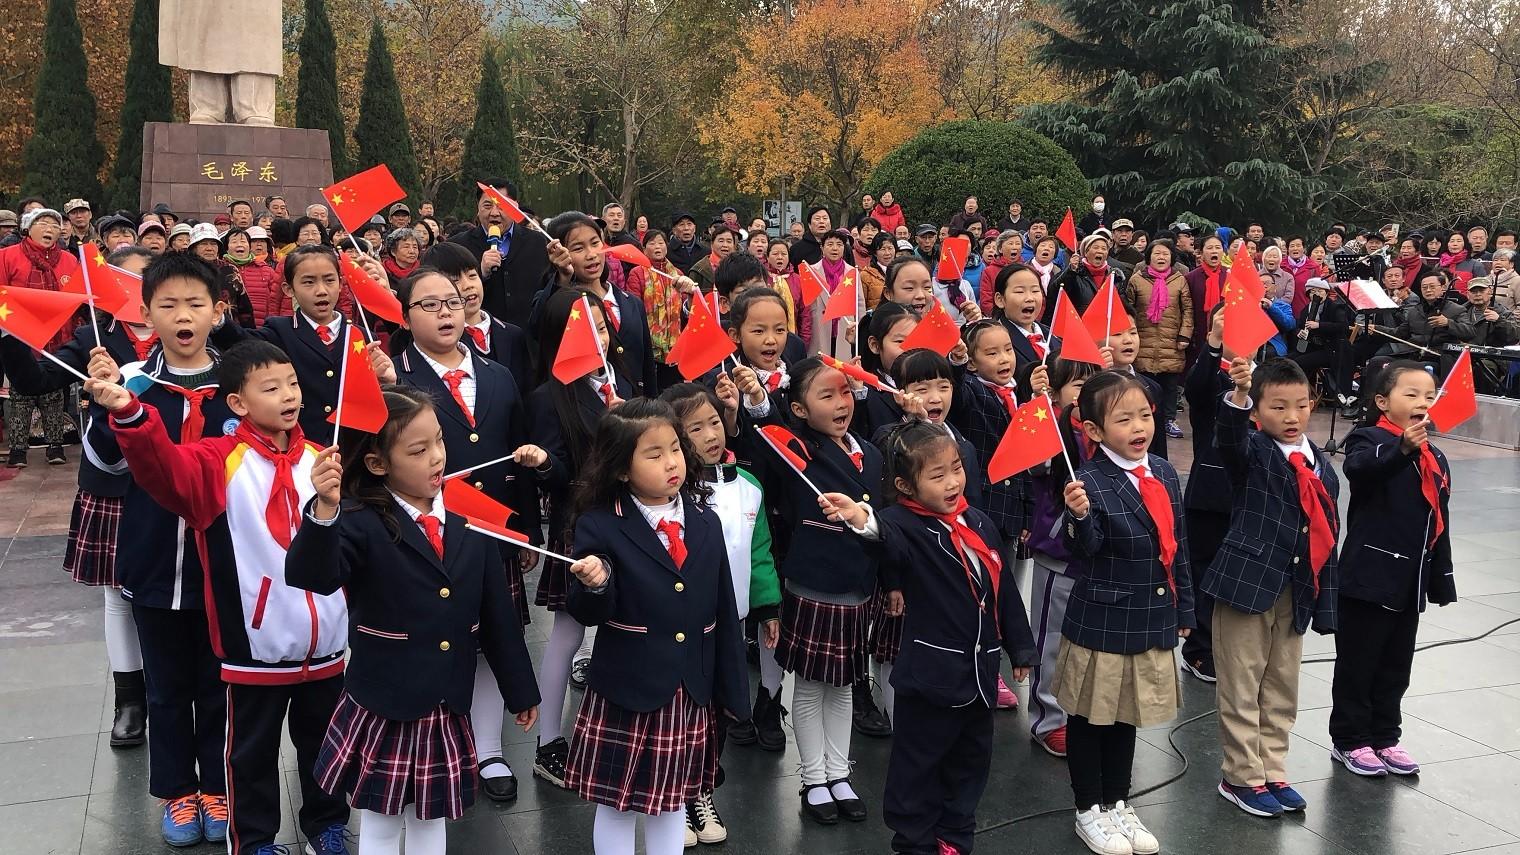 《超级萌宝秀》大合唱——《我爱你中国》